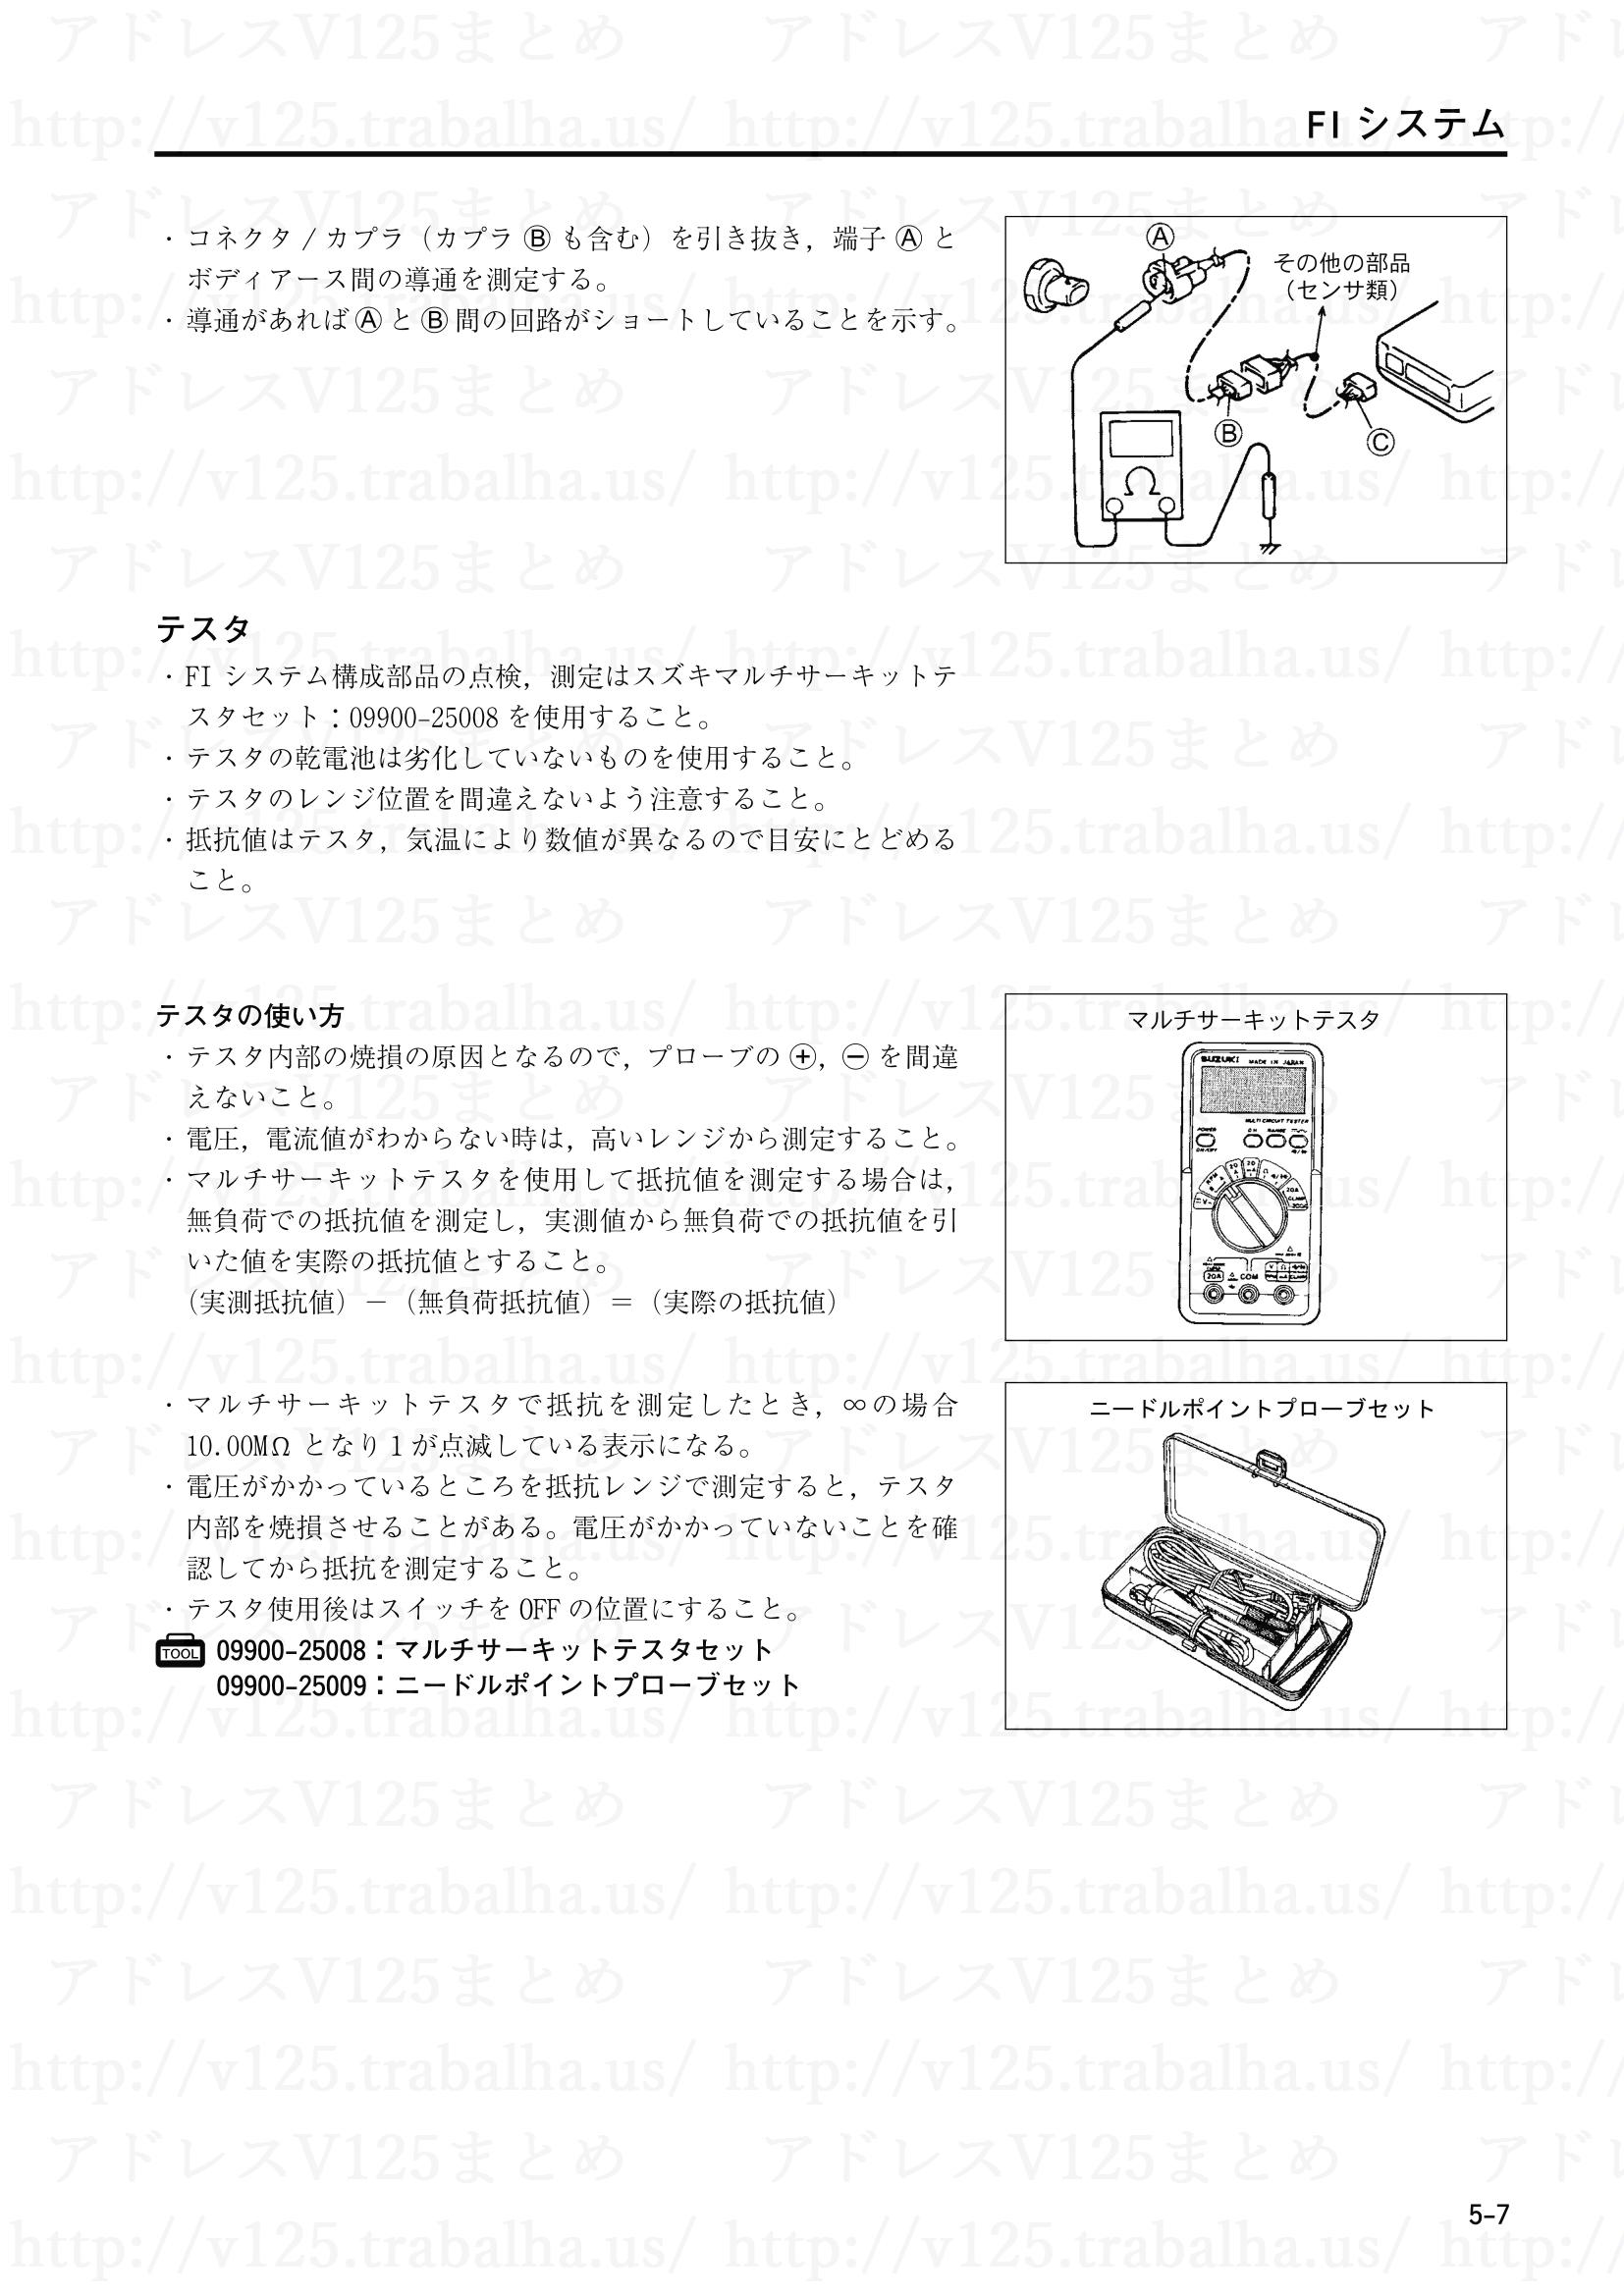 5-7【FIシステム】テスタ